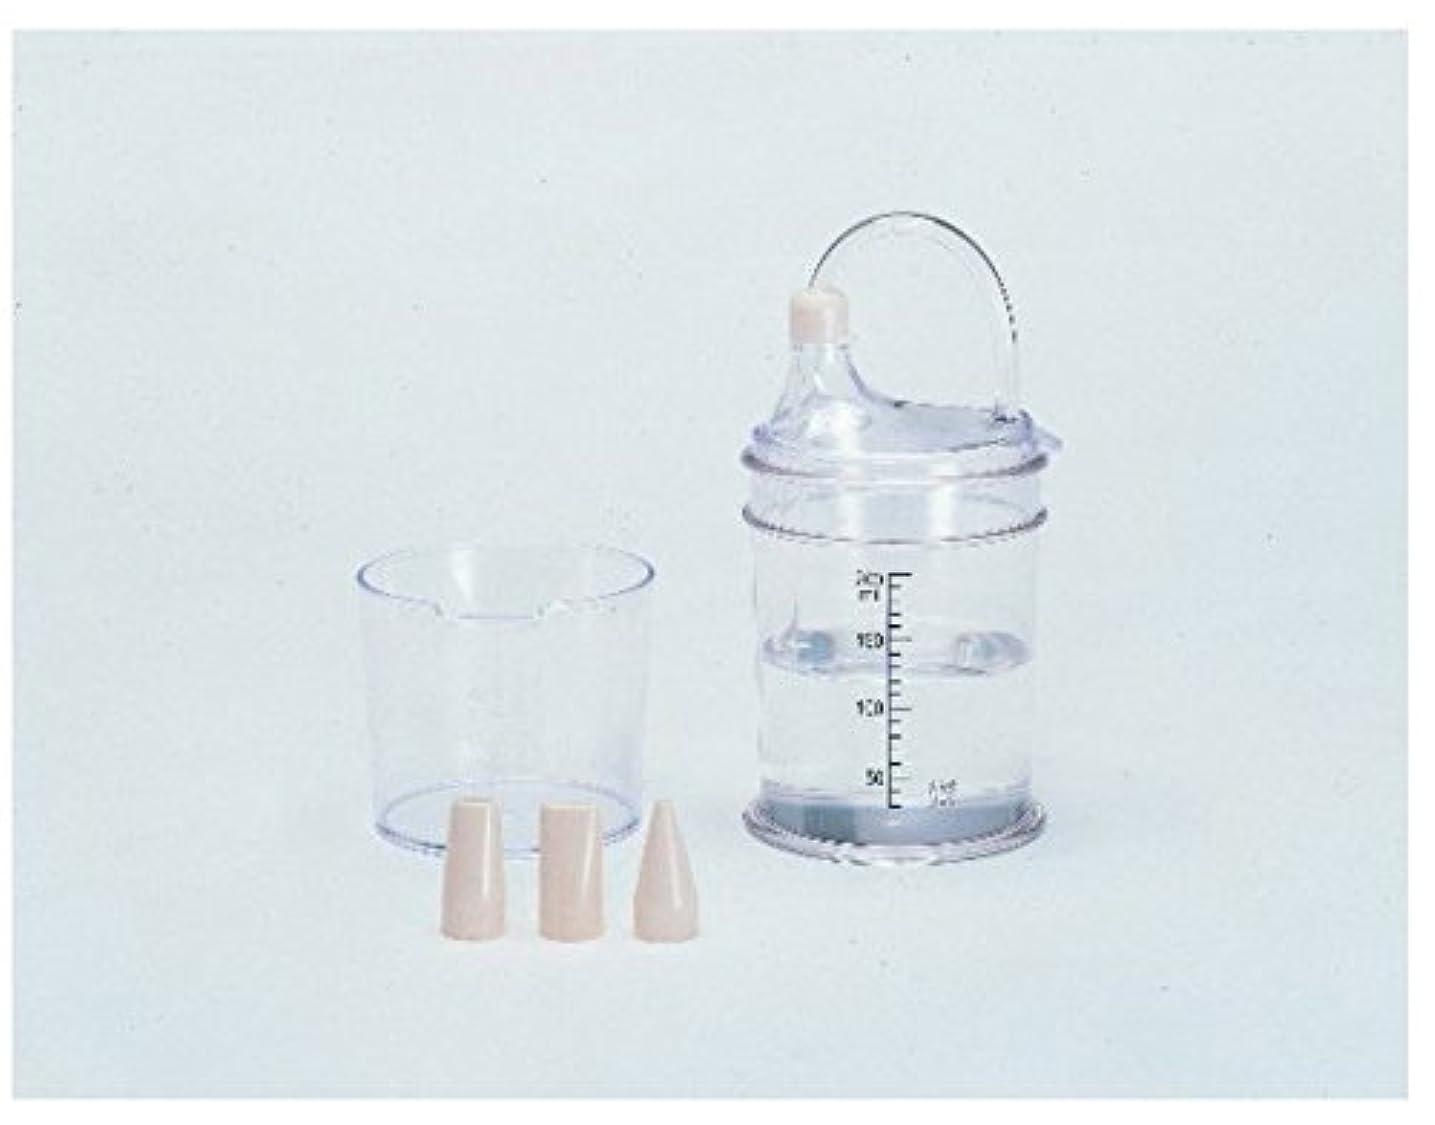 襟報いるシリーズマジックカップ ?病院内人気こぼれにくい介護用吸い飲みカップ? 1個